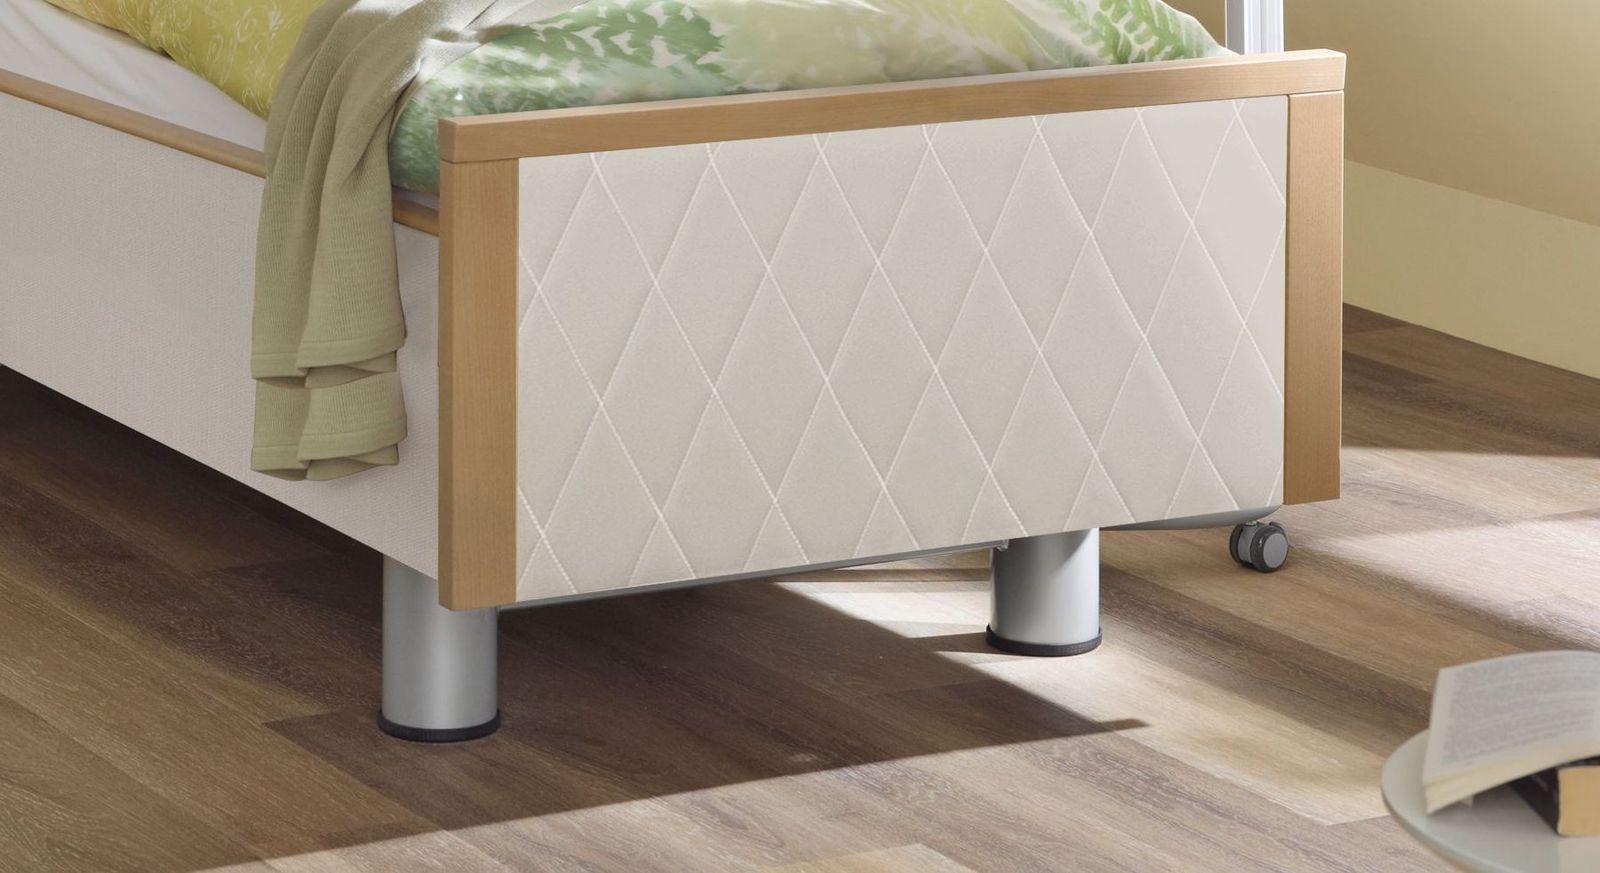 Komfortbett mit Pflegebett-Funktion Rügen inklusive Fußteil